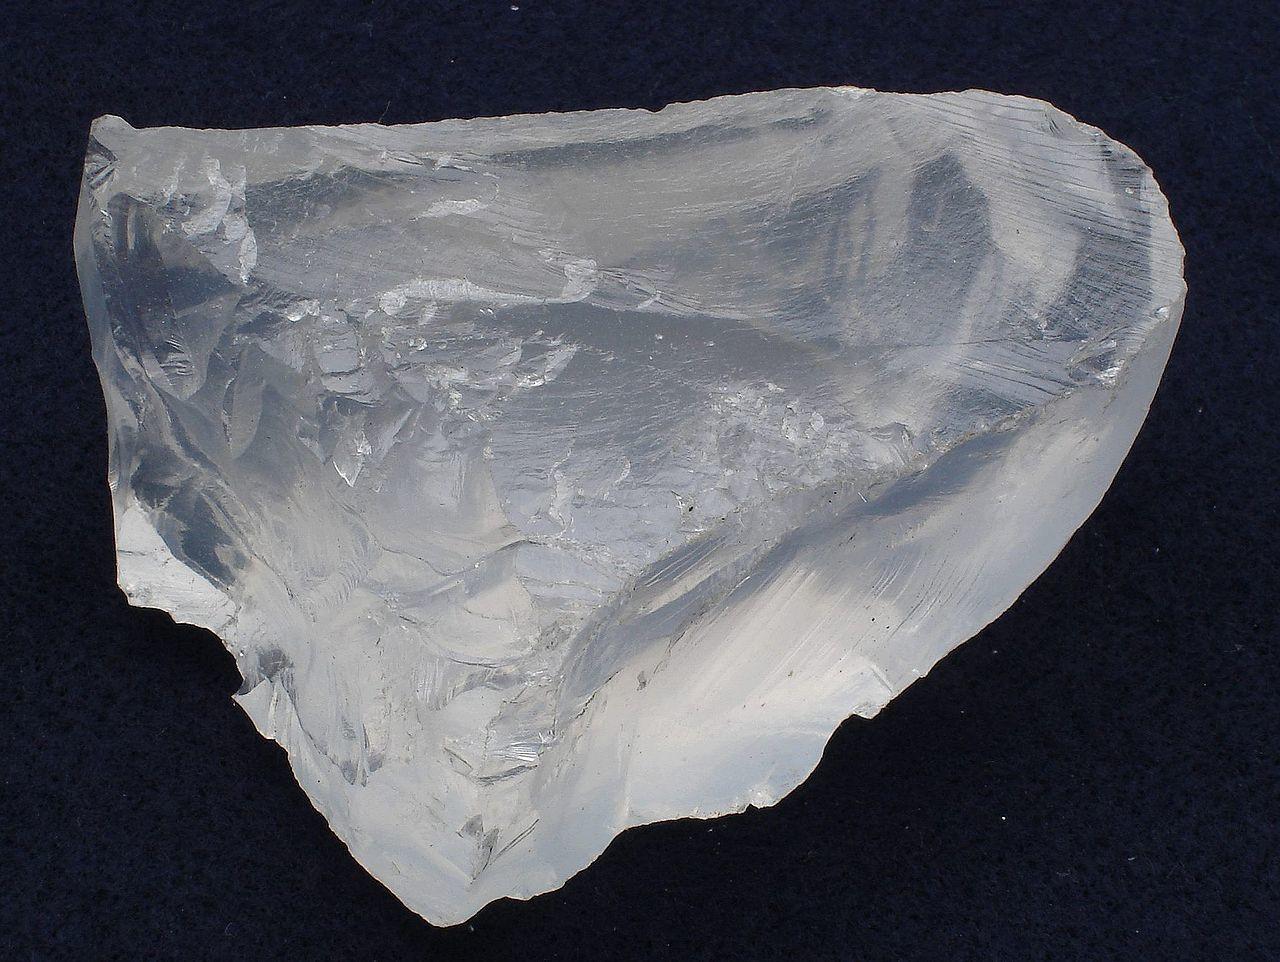 Lithium hat an der Erdkruste einen Anteil von etwa 0,006 %. Es kommt damit etwas seltener als Zink sowie häufiger als Kobalt, Zinn und Blei in der Erdkruste vor. Obwohl Lithium häufiger als beispielsweise Blei ist, ist seine Gewinnung durch die stärkere Verteilung schwierig.